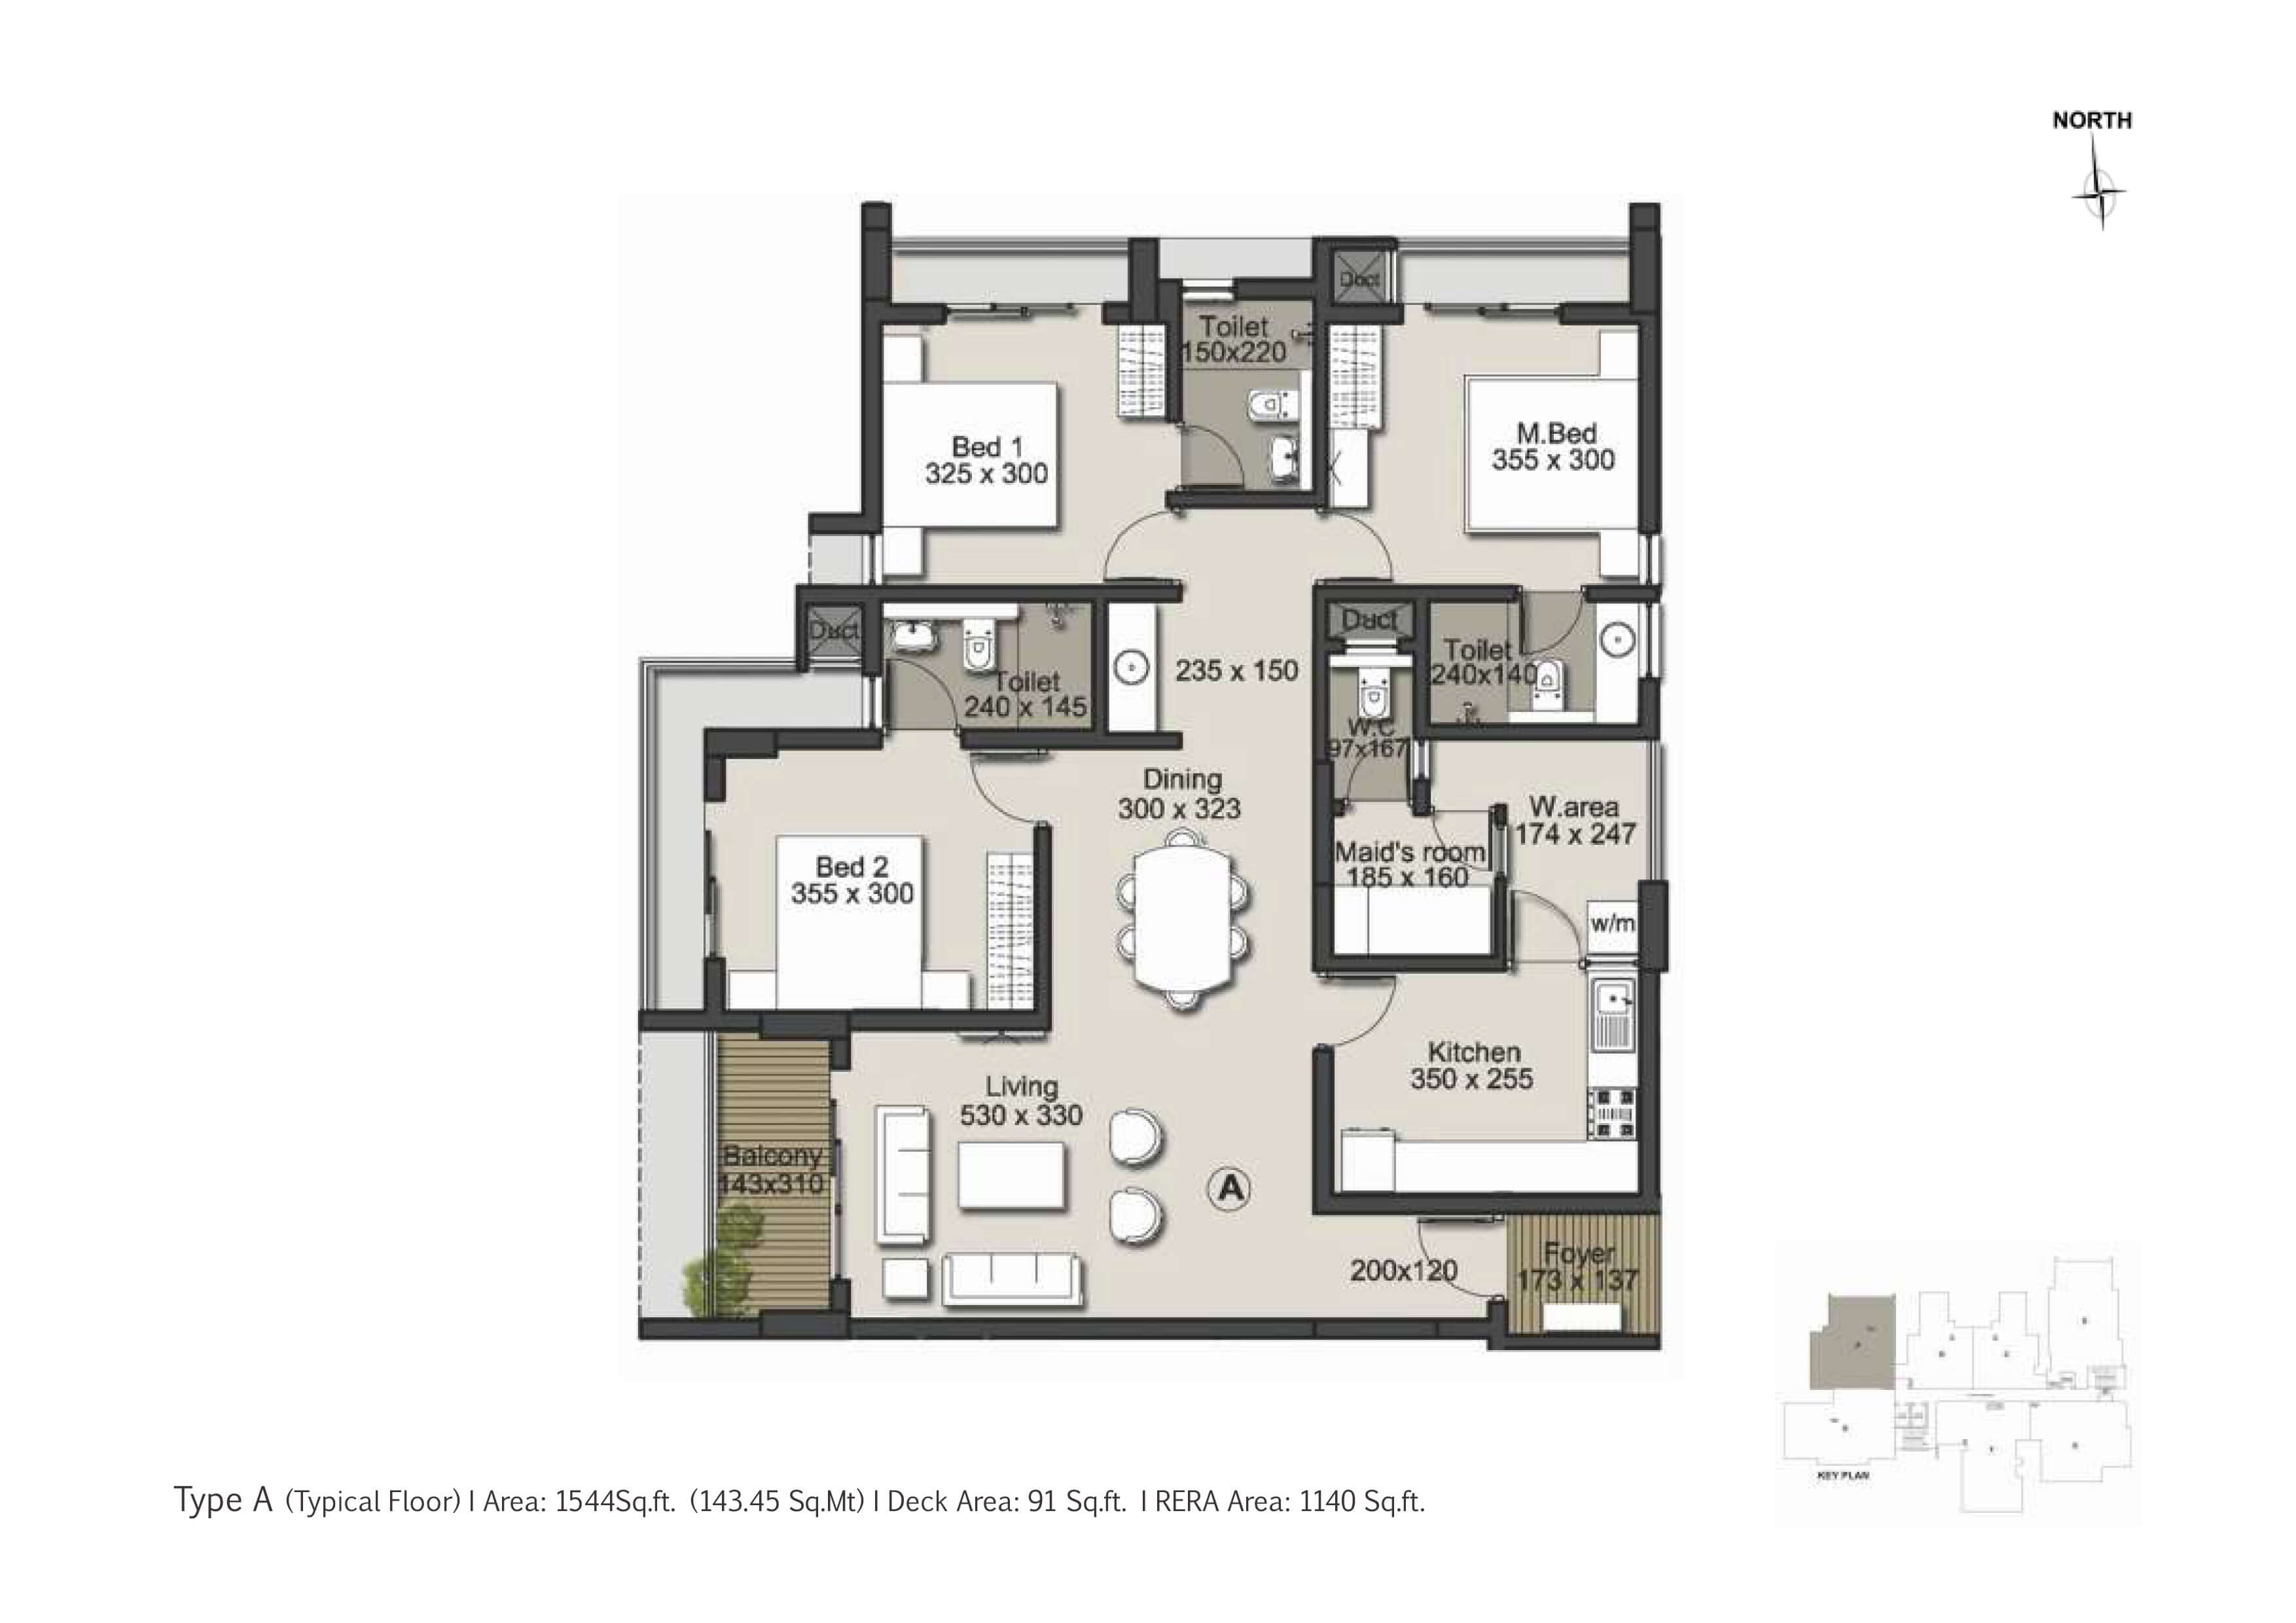 Type A Floor Plan